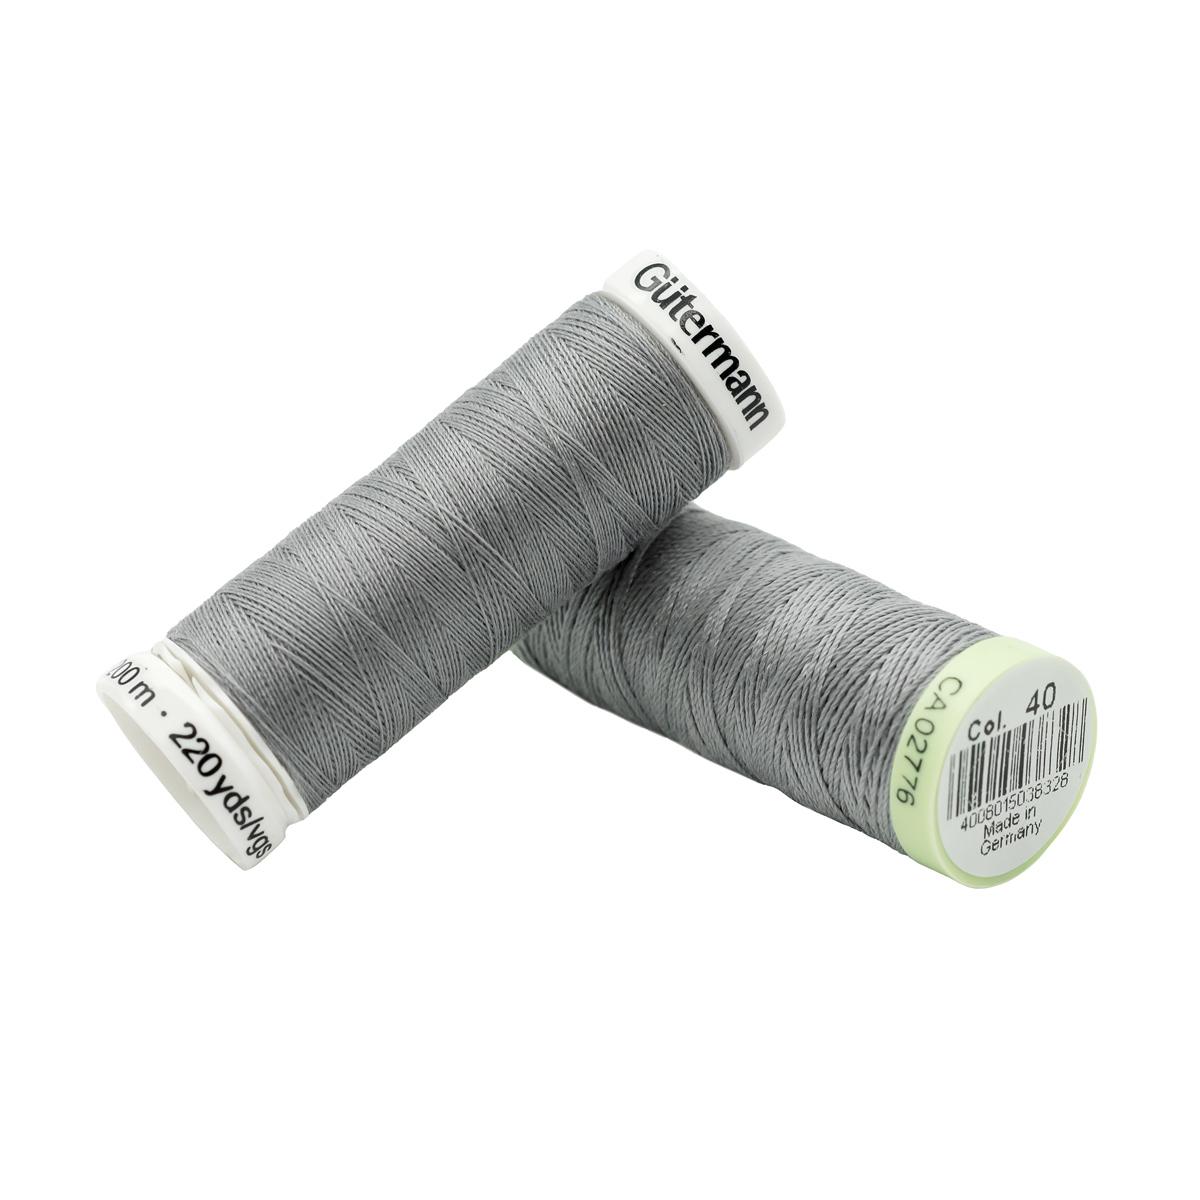 Набор швейных нитей (744506 Нить Top Stitch 30м, 748277 Нить Sew-All 200м) 2шт/упак Гутерманн, 040 пепельно-сиреневый